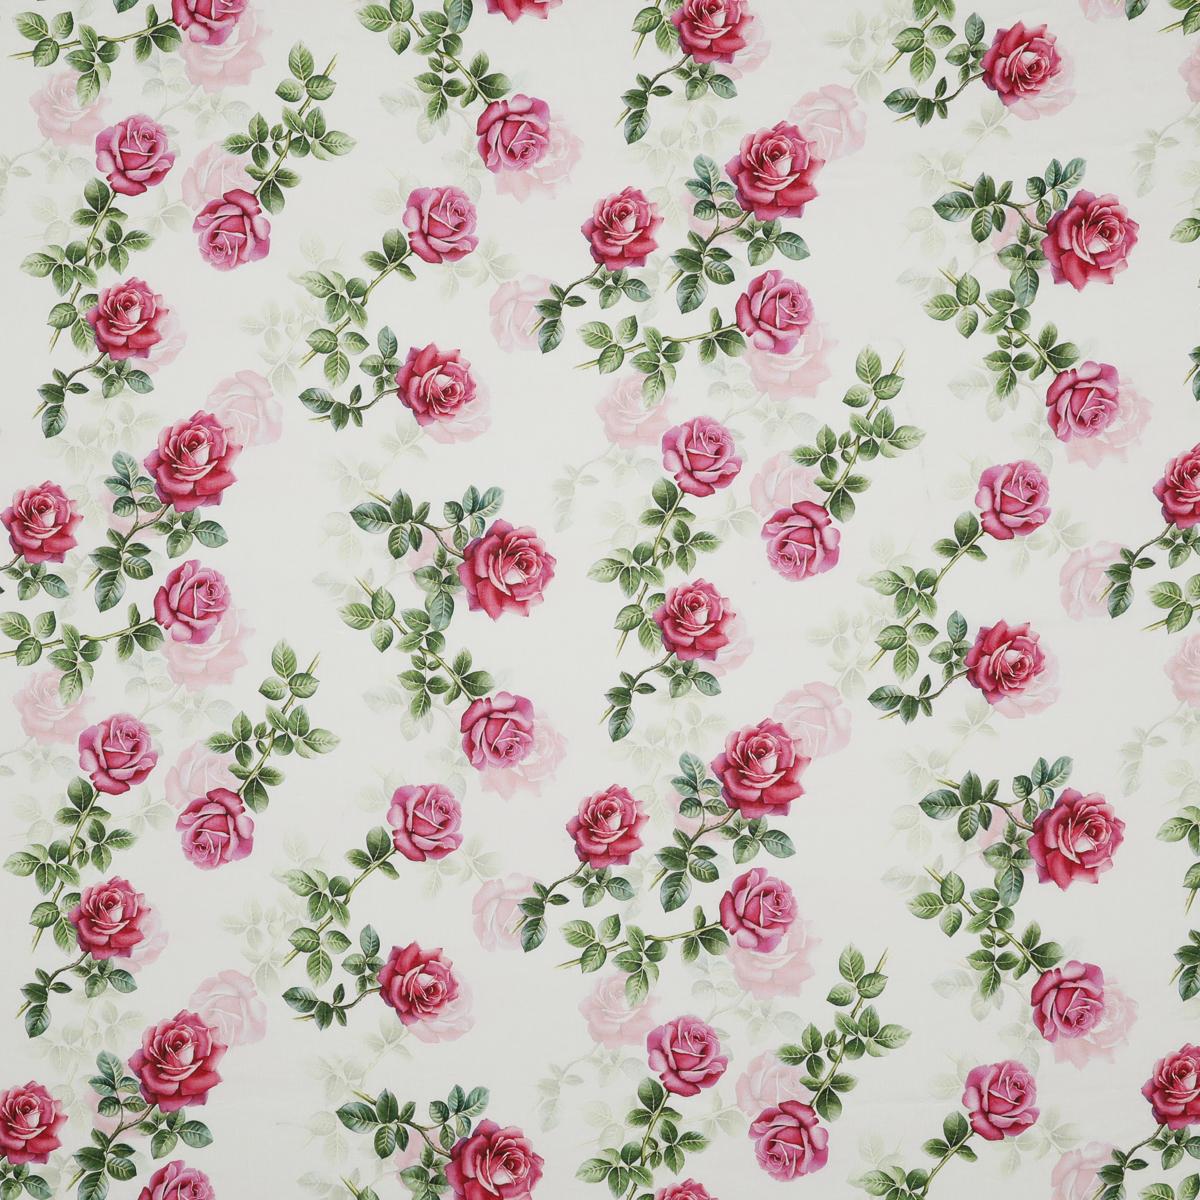 Шелковистый тонкий лён с розами на белом